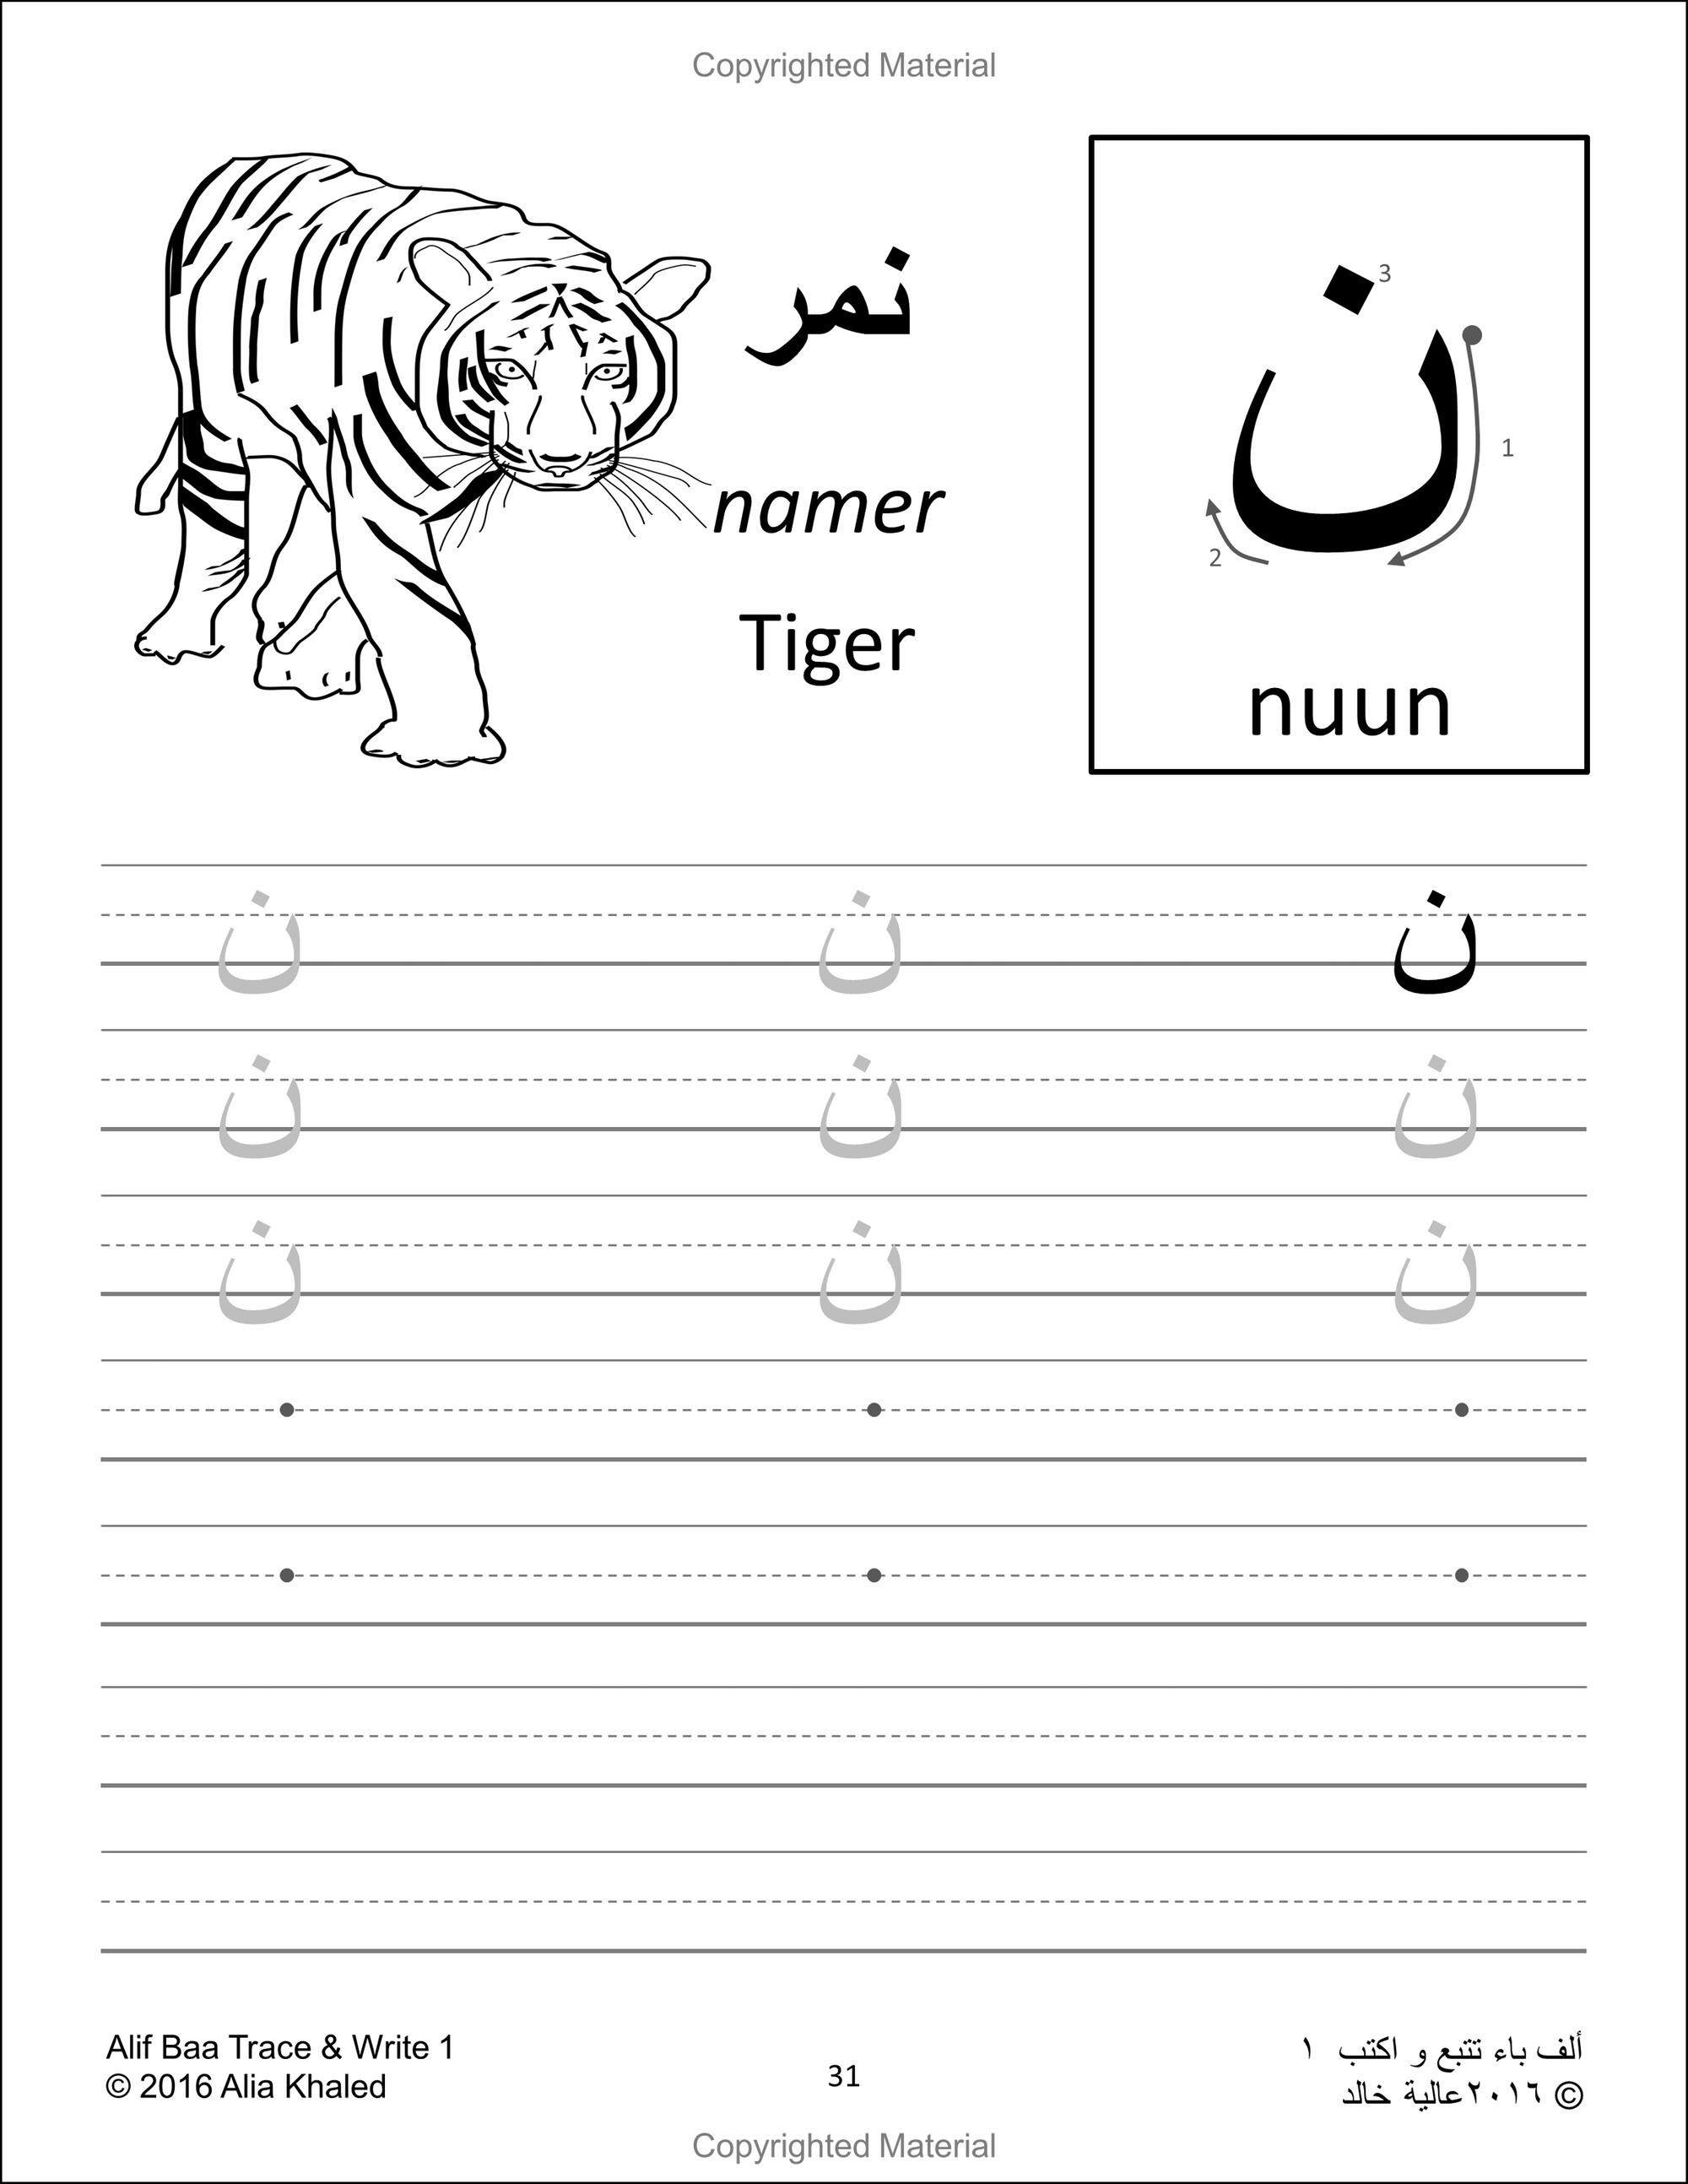 Alif Baa Trace & Write 1: Learn How To Write The Arabic